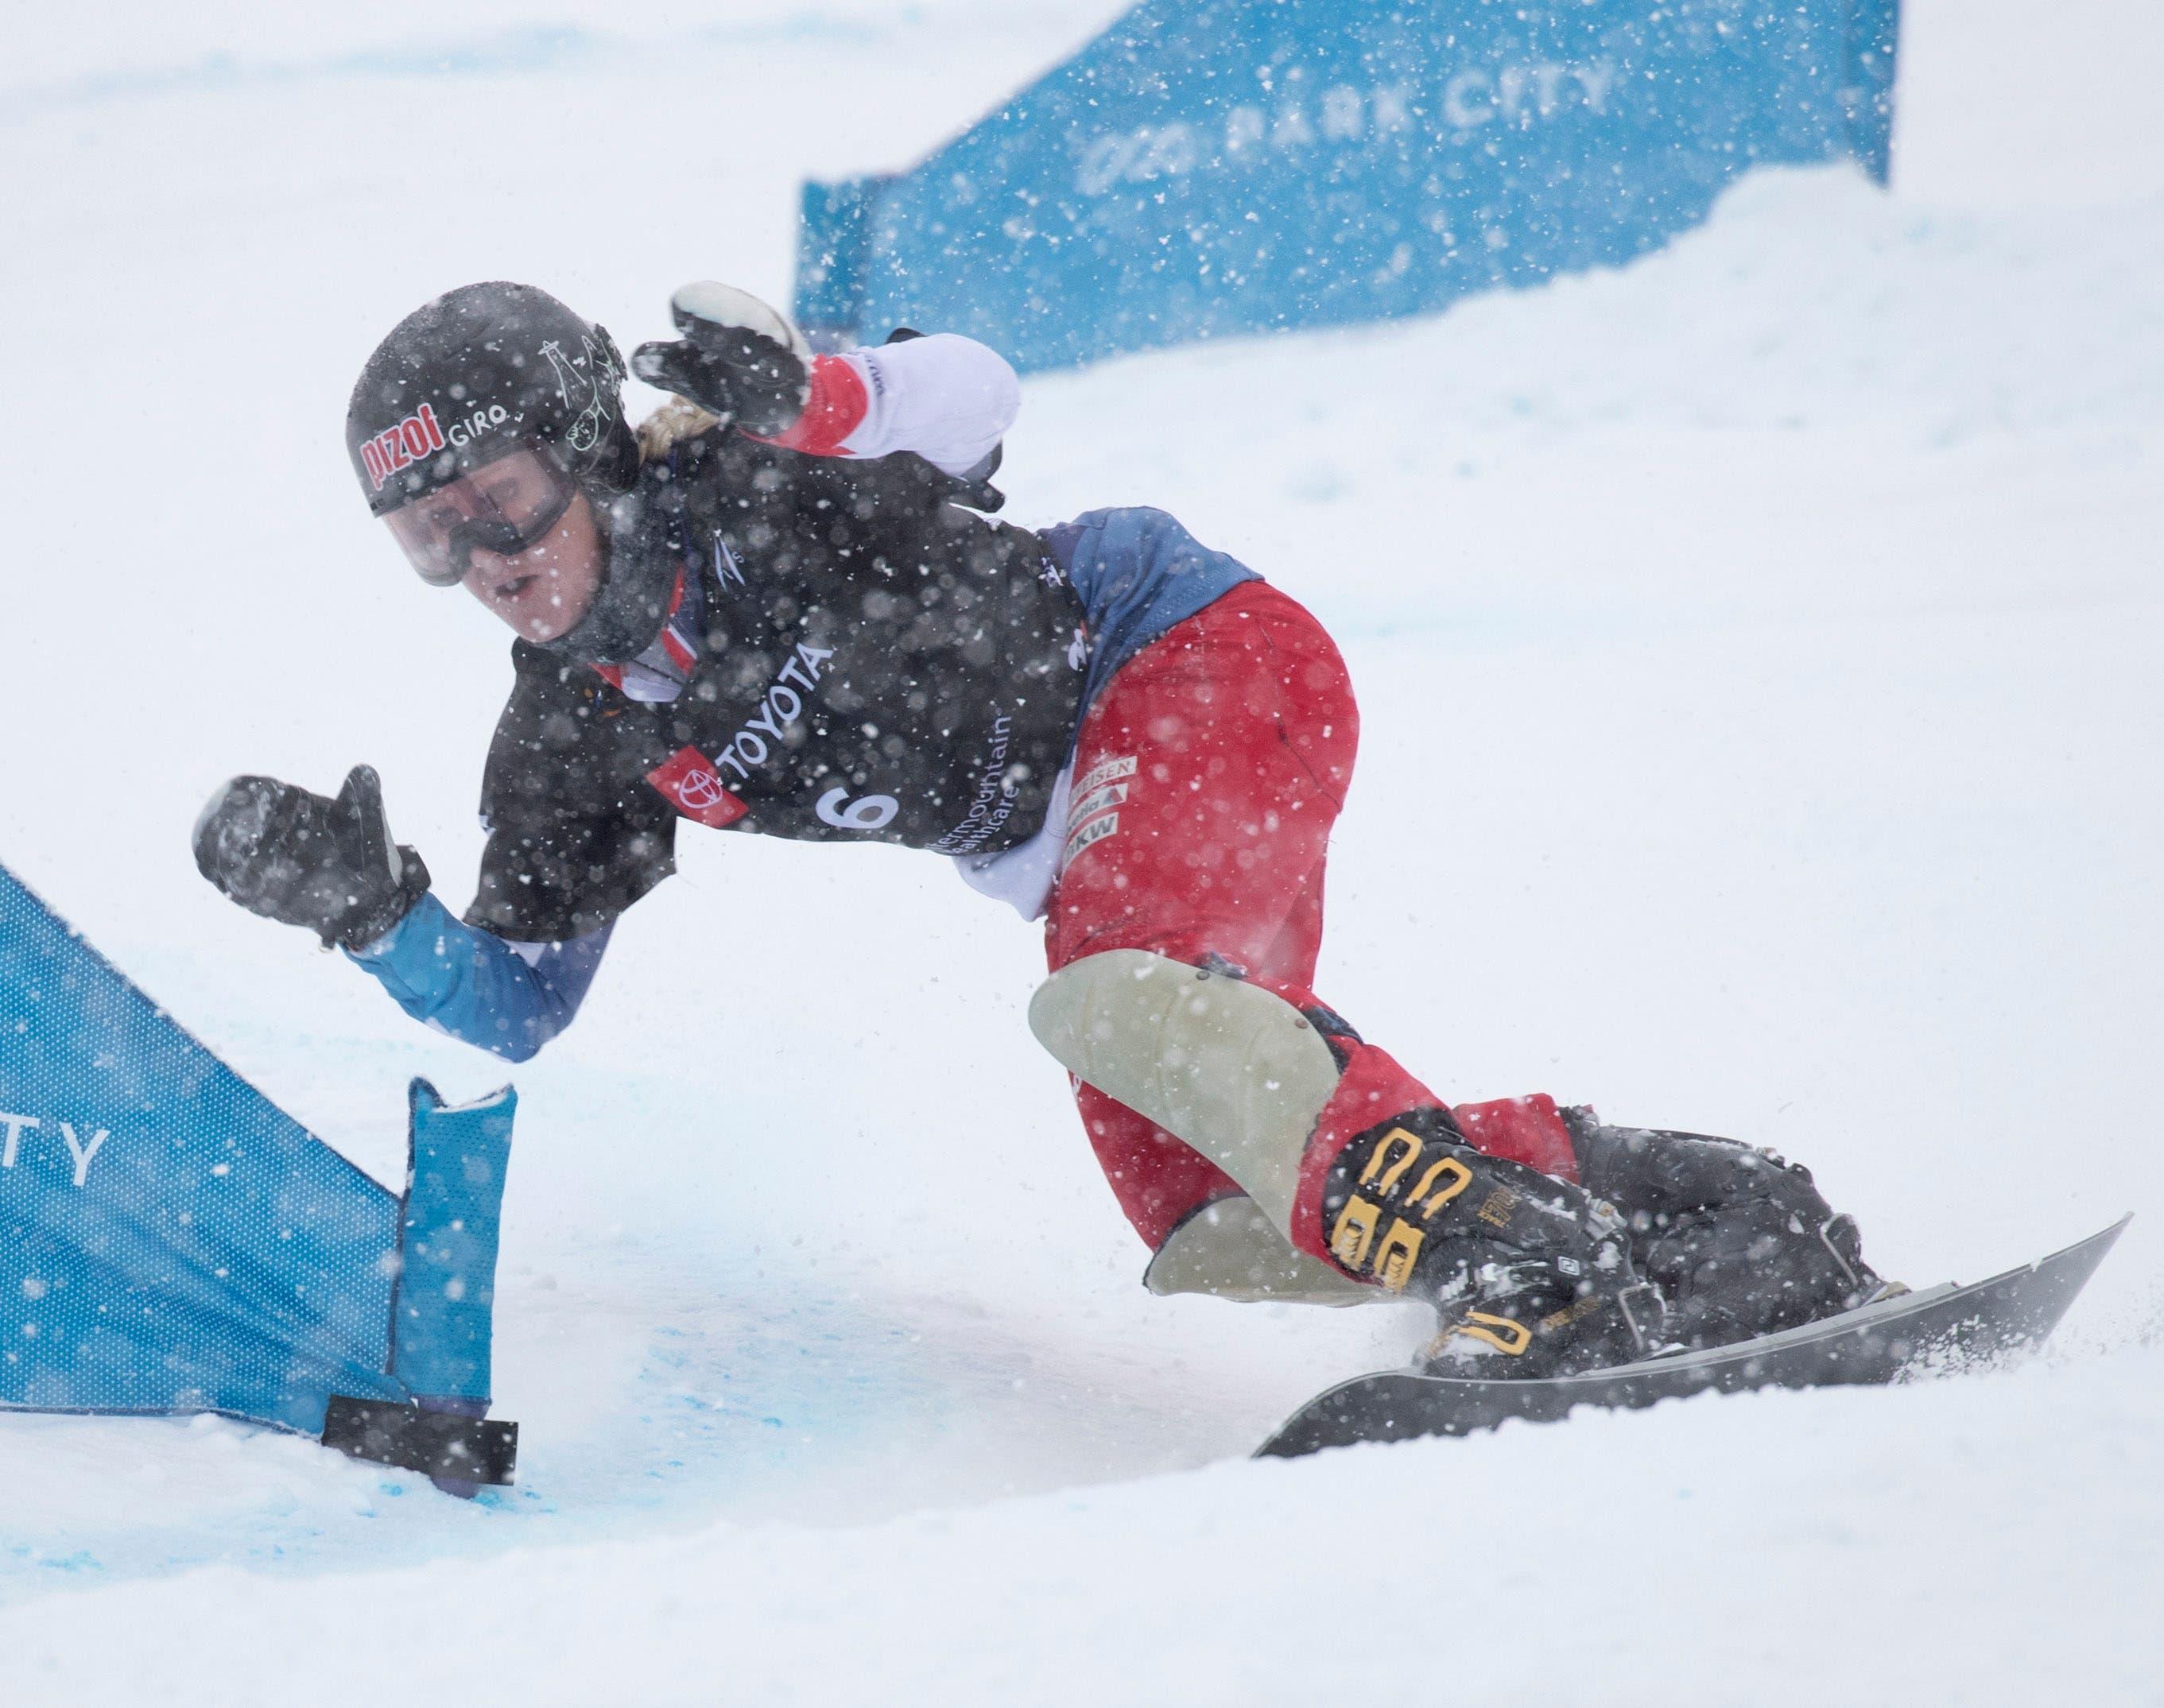 5. Februar: In Park City (USA) fährt die Snowboarderin Julie Zogg im Parallelslalom zu ihrem ersten Weltmeistertitel bei den Aktiven. Damit nicht genug: Die Wartauerin gewann in ihrer Paradedisziplin dieses Jahr zwei Weltcup-Rennen und sicherte sich den Gewinn der kleinen Kristallkugel.